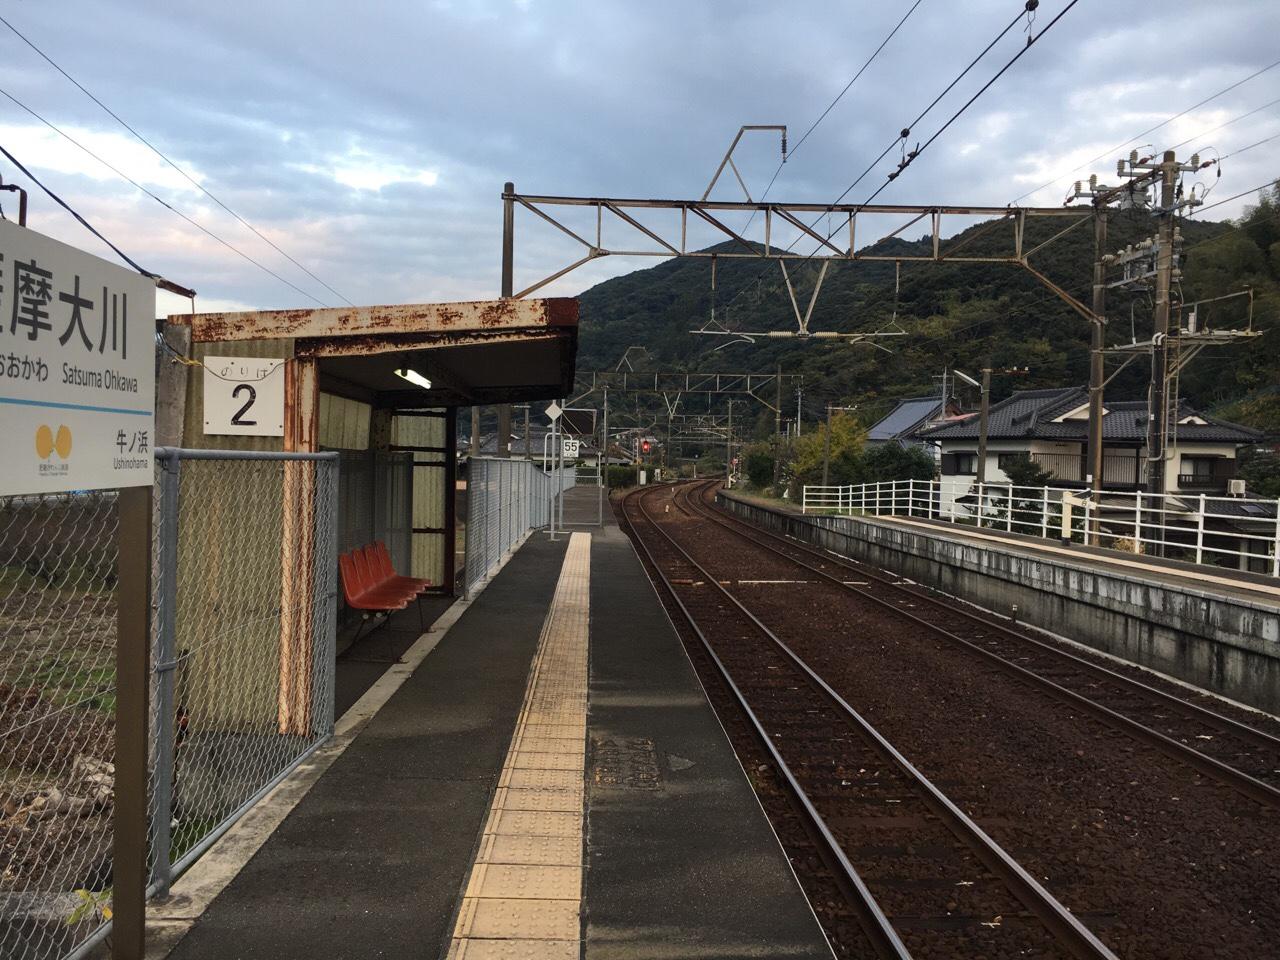 【薩摩大川駅】映画『かぞくいろ』のメインになったロケ地を巡ってきました。